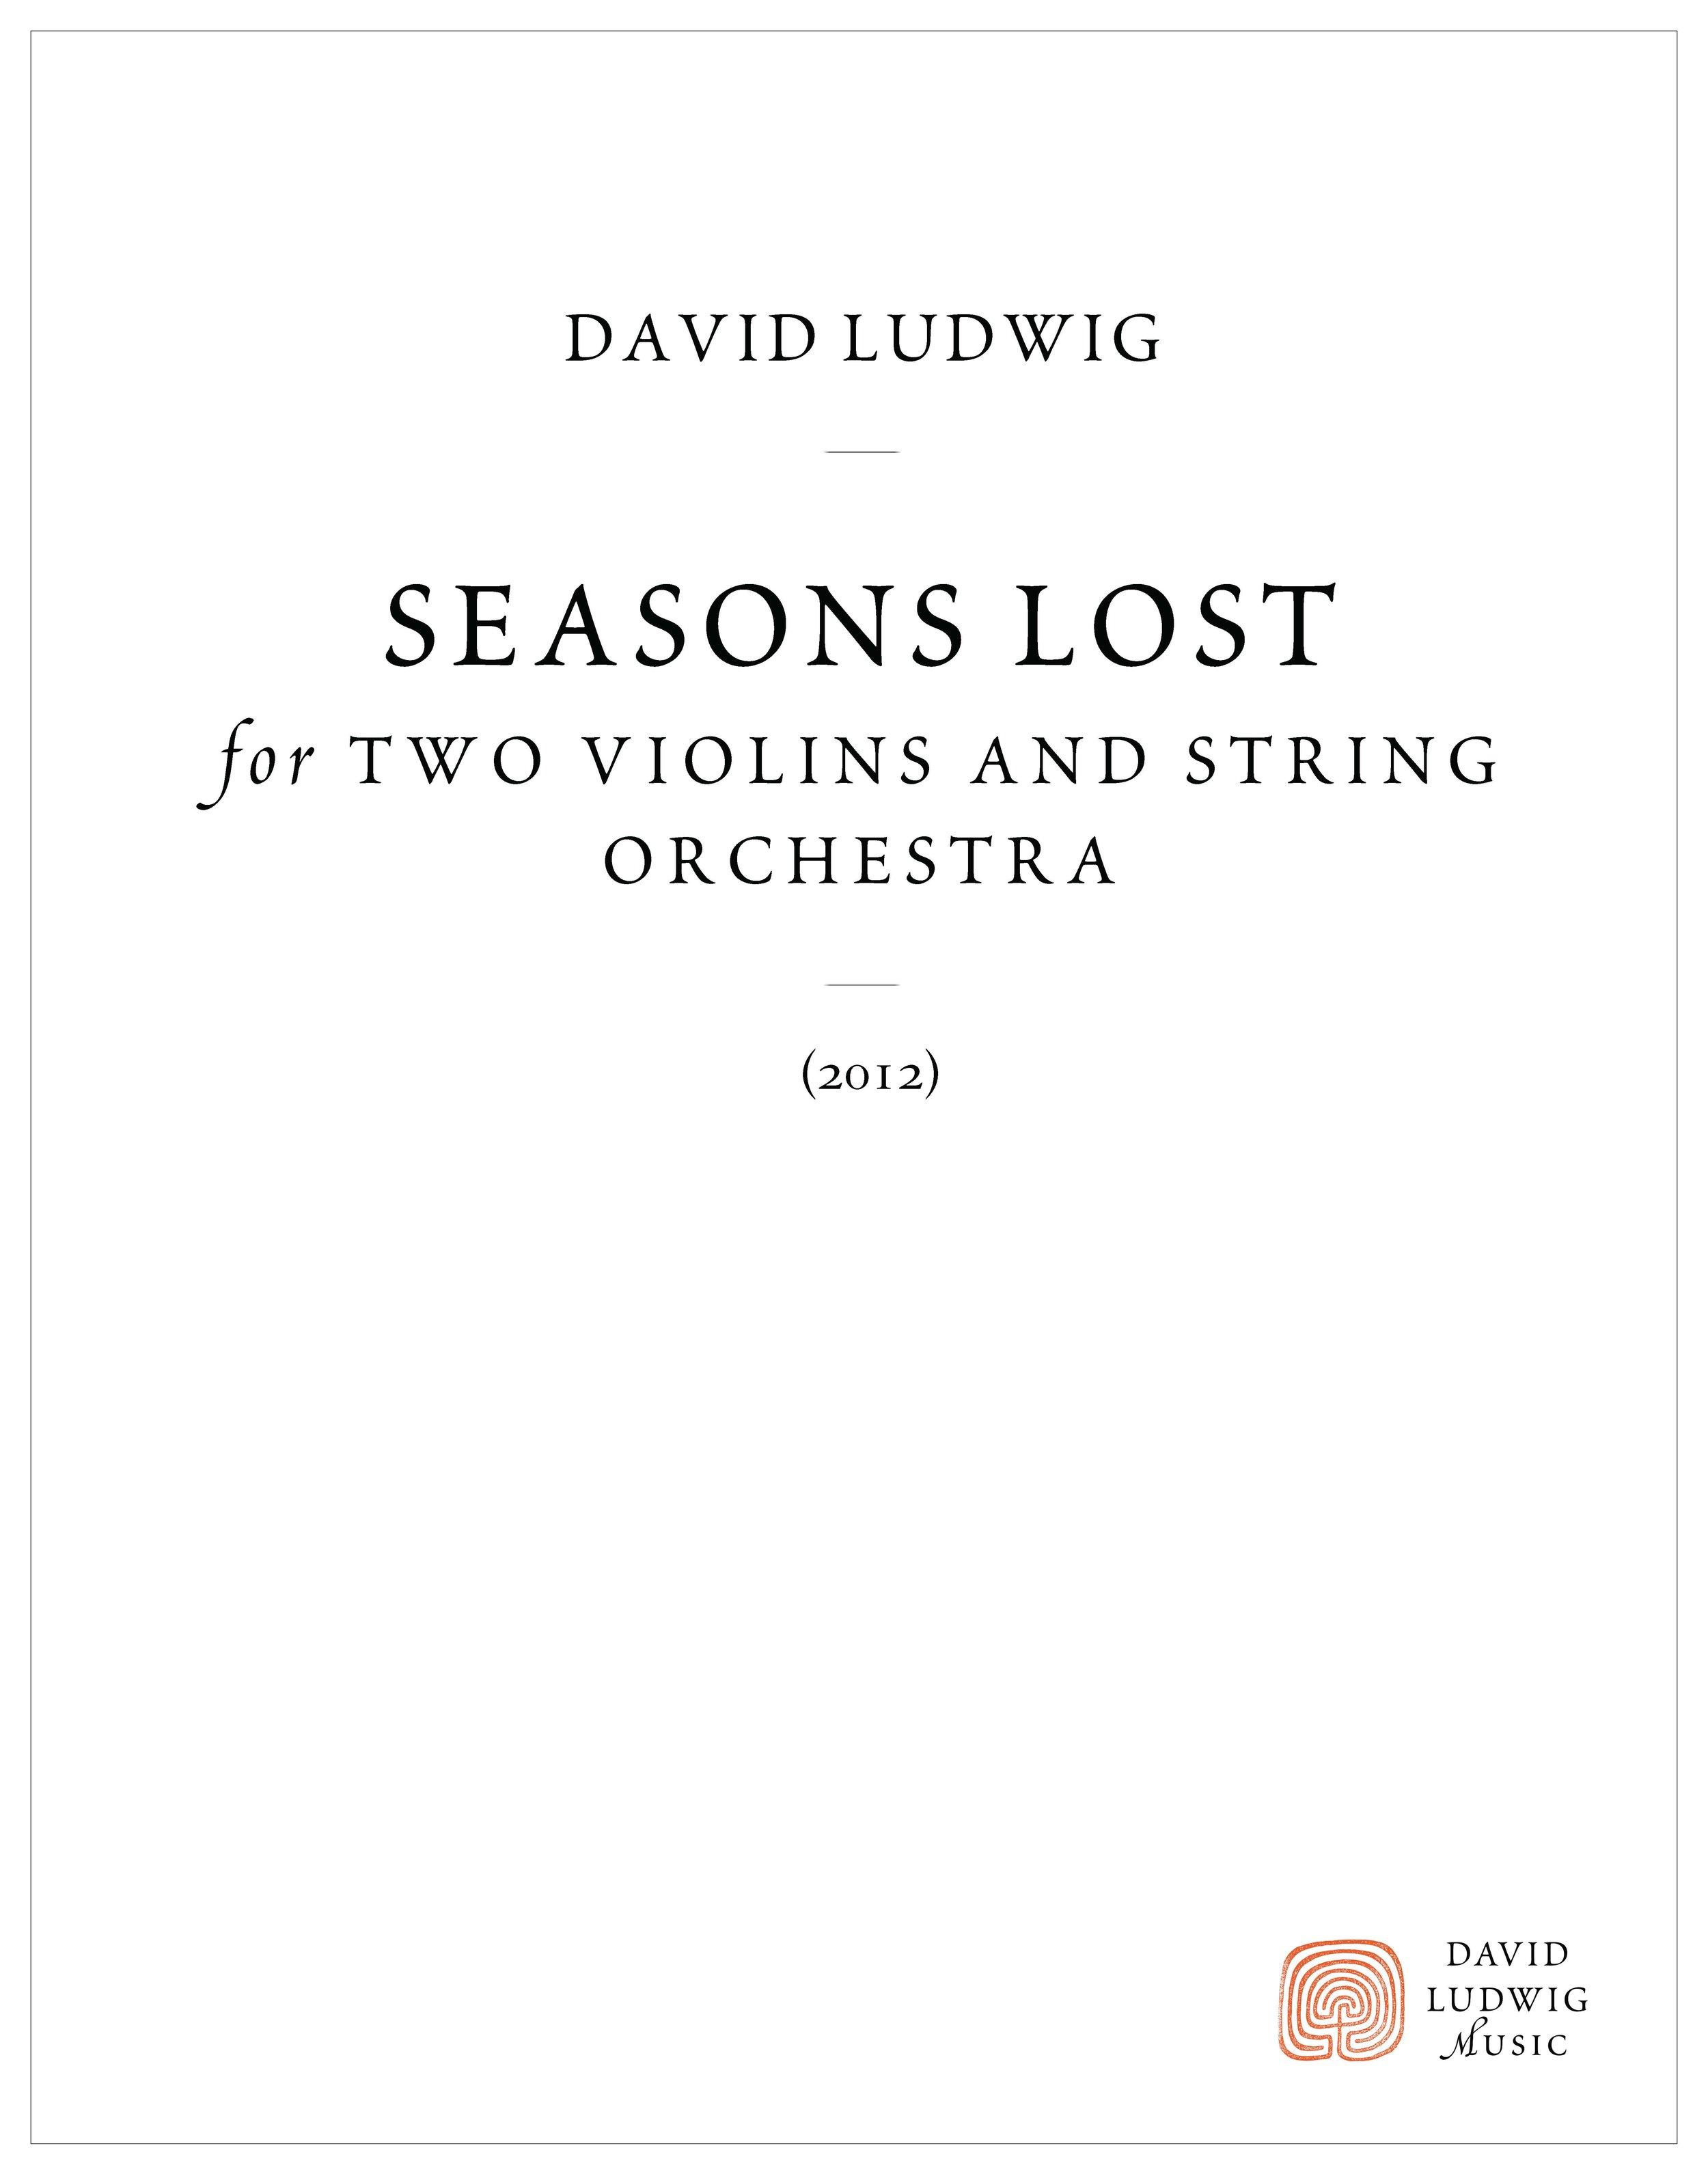 Seasons Lost cover.jpg